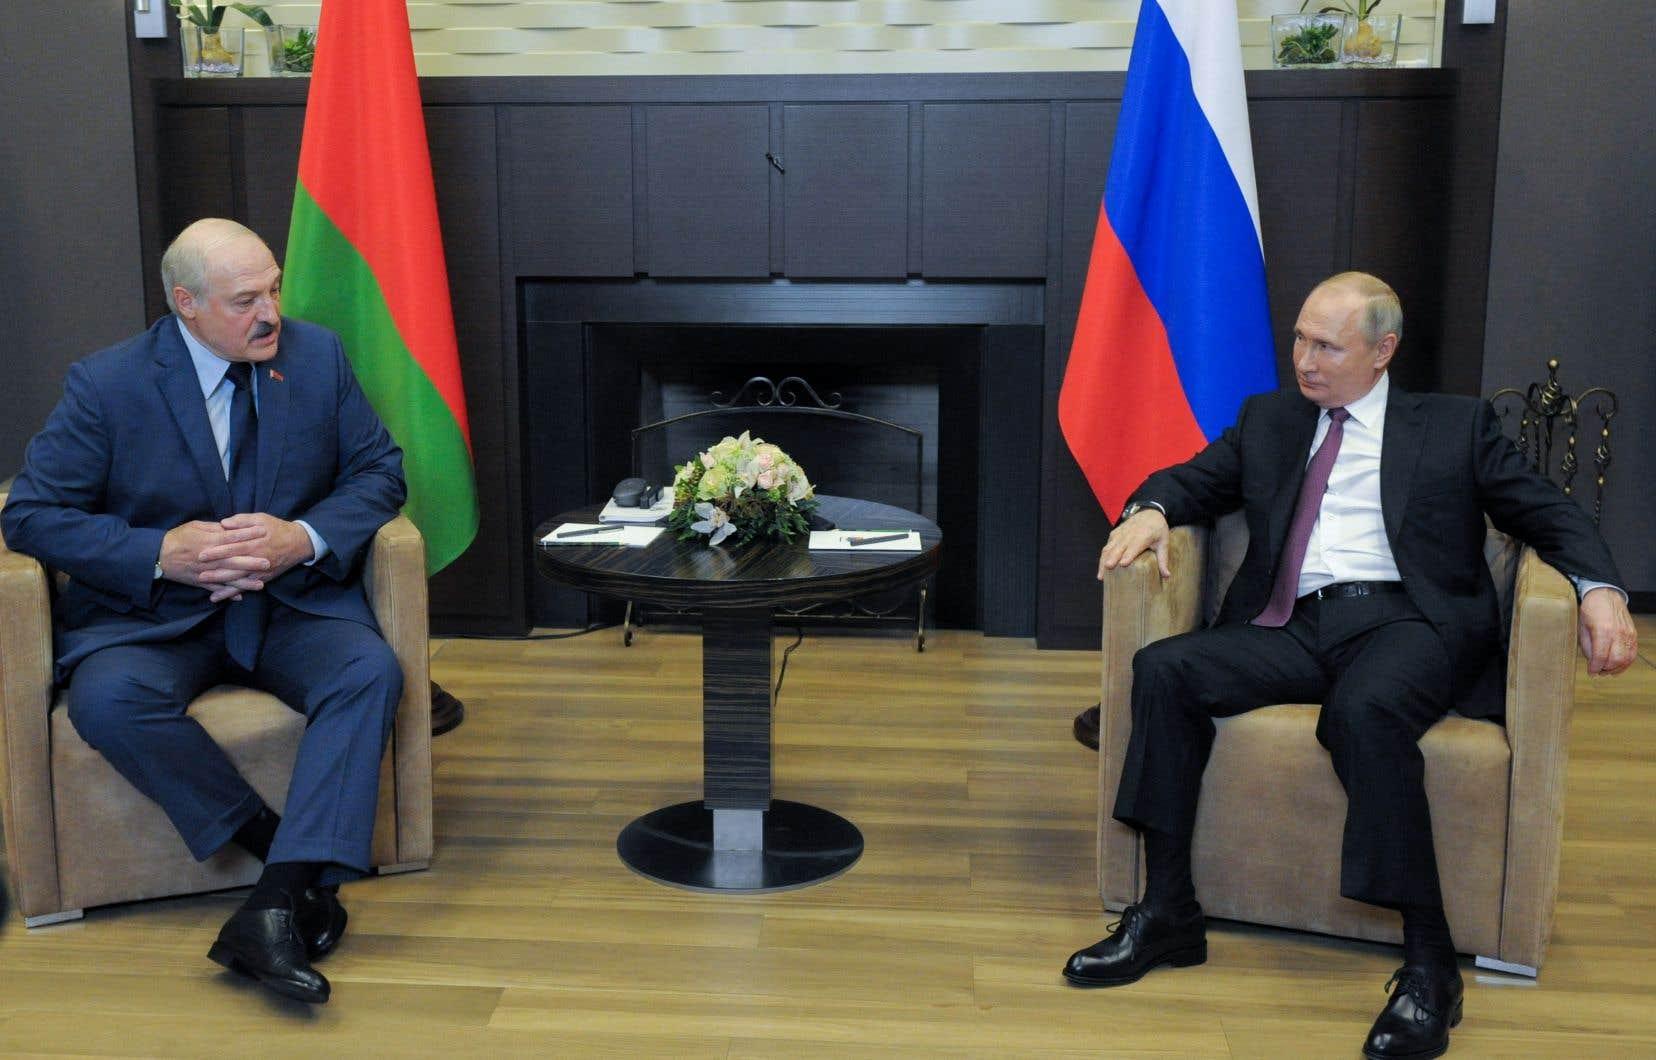 Le président russe Vladimir Poutine a reçu son homologue biélorusse Alexandre Loukachenko vendredi à Sotchi.